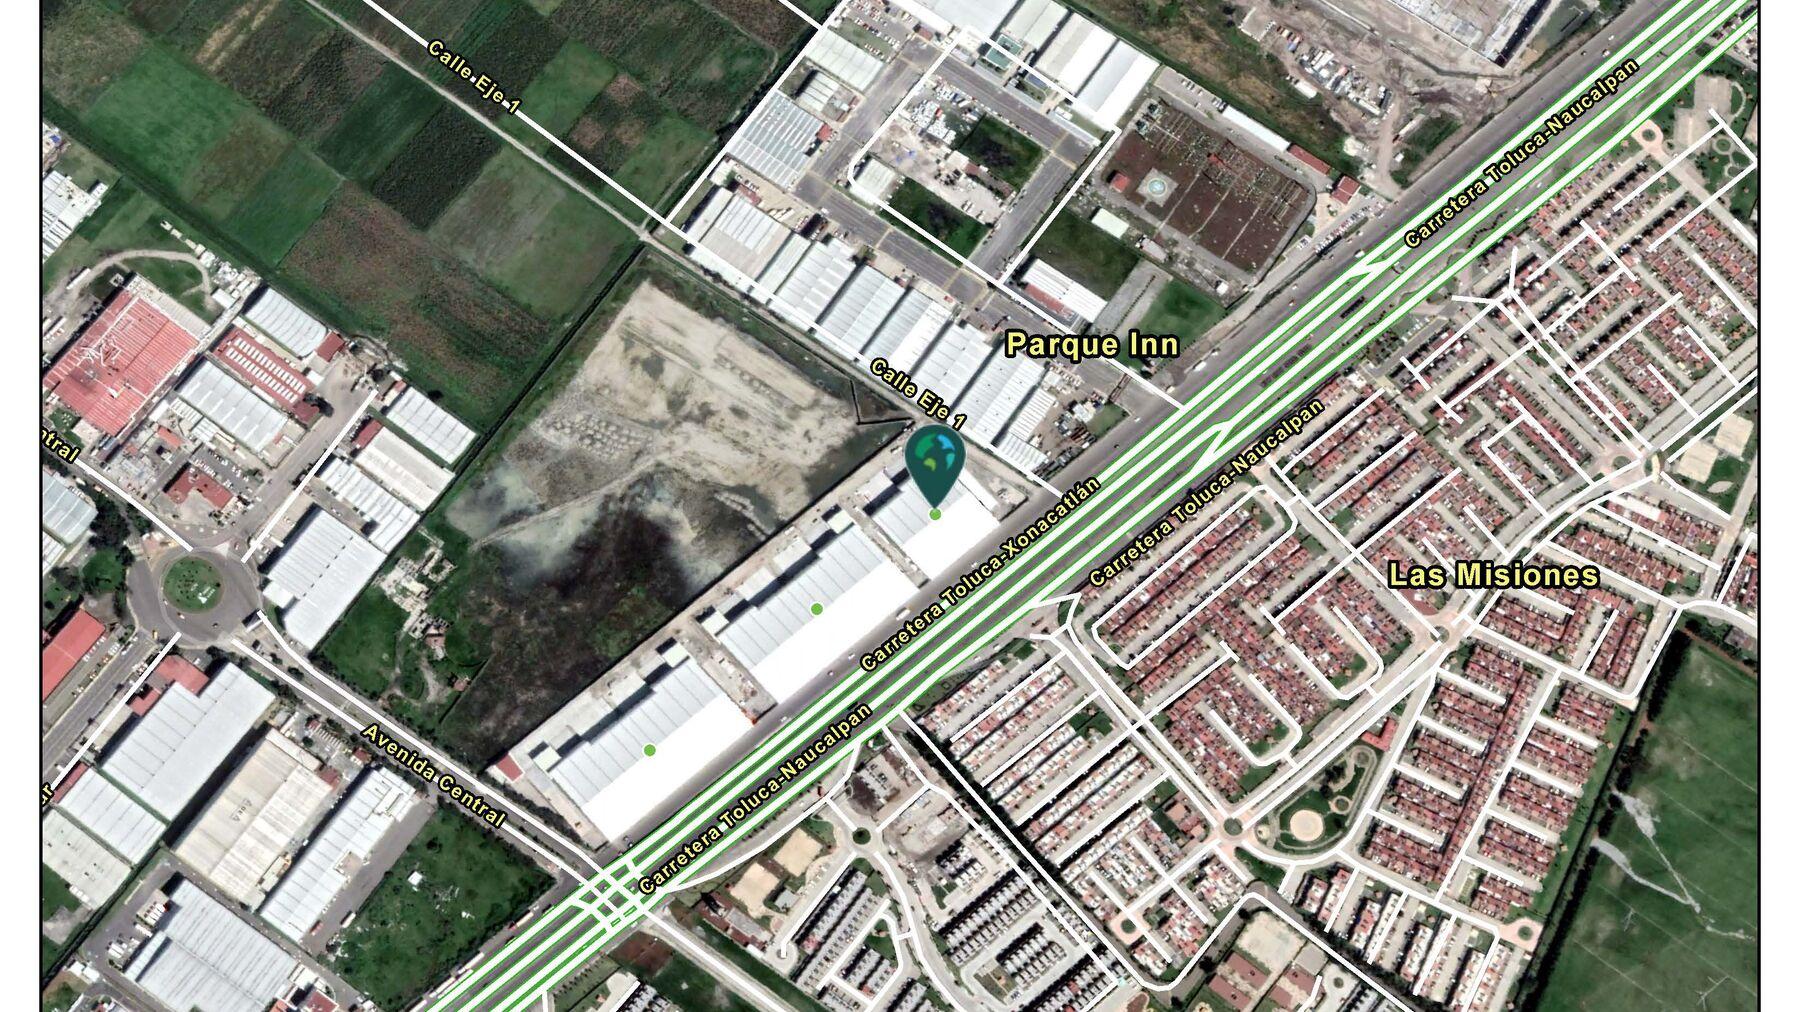 DPM-Aerial-Toluca-II_Building-3.jpg